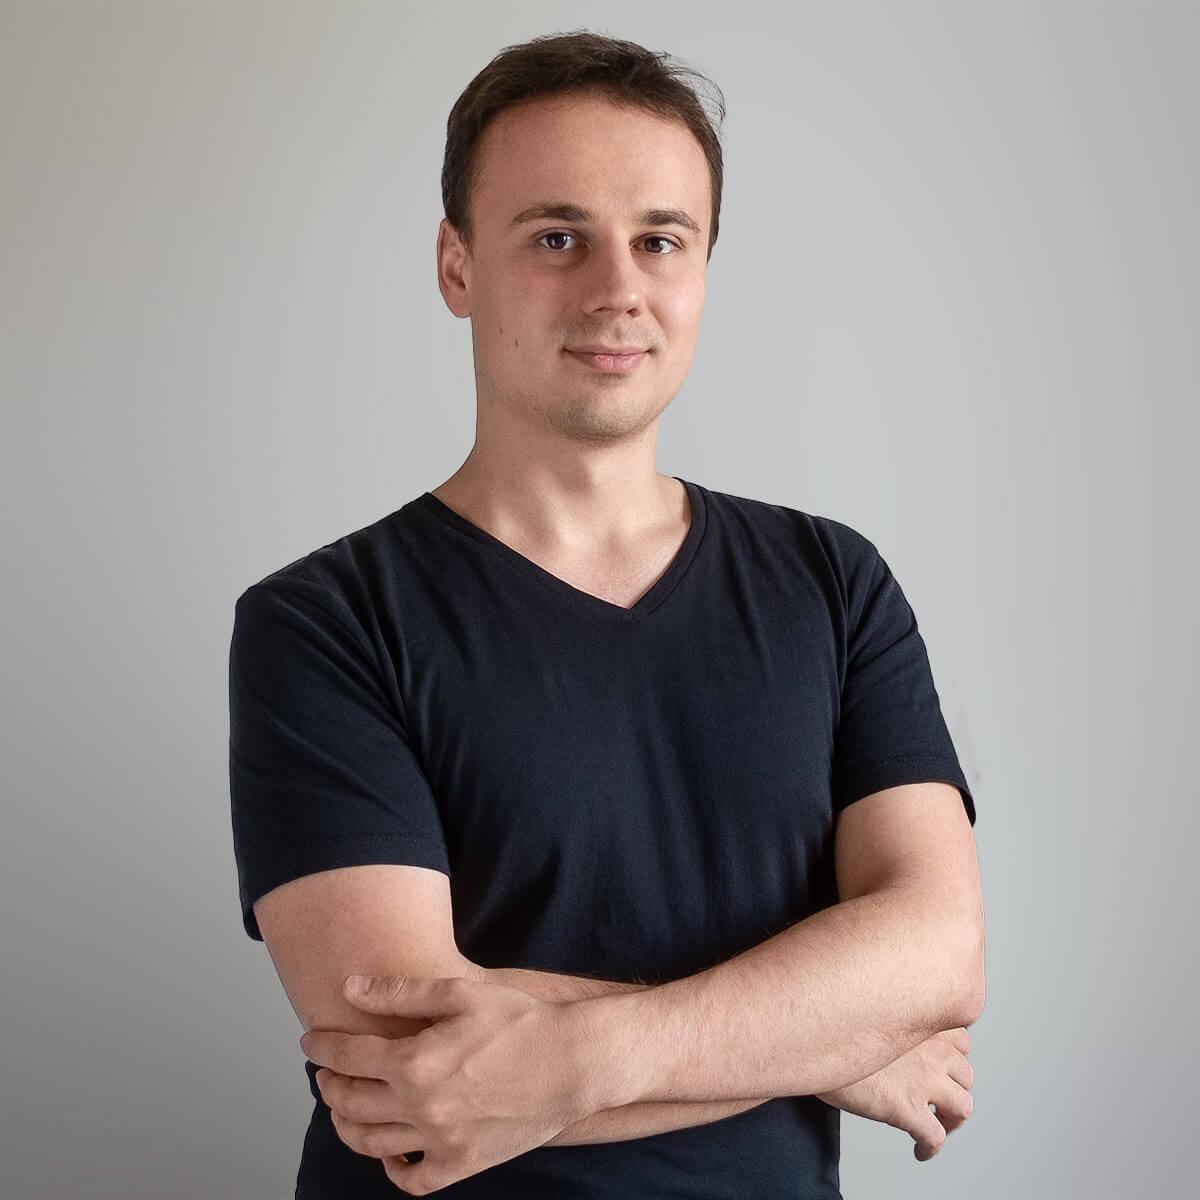 Daniel Hejduk